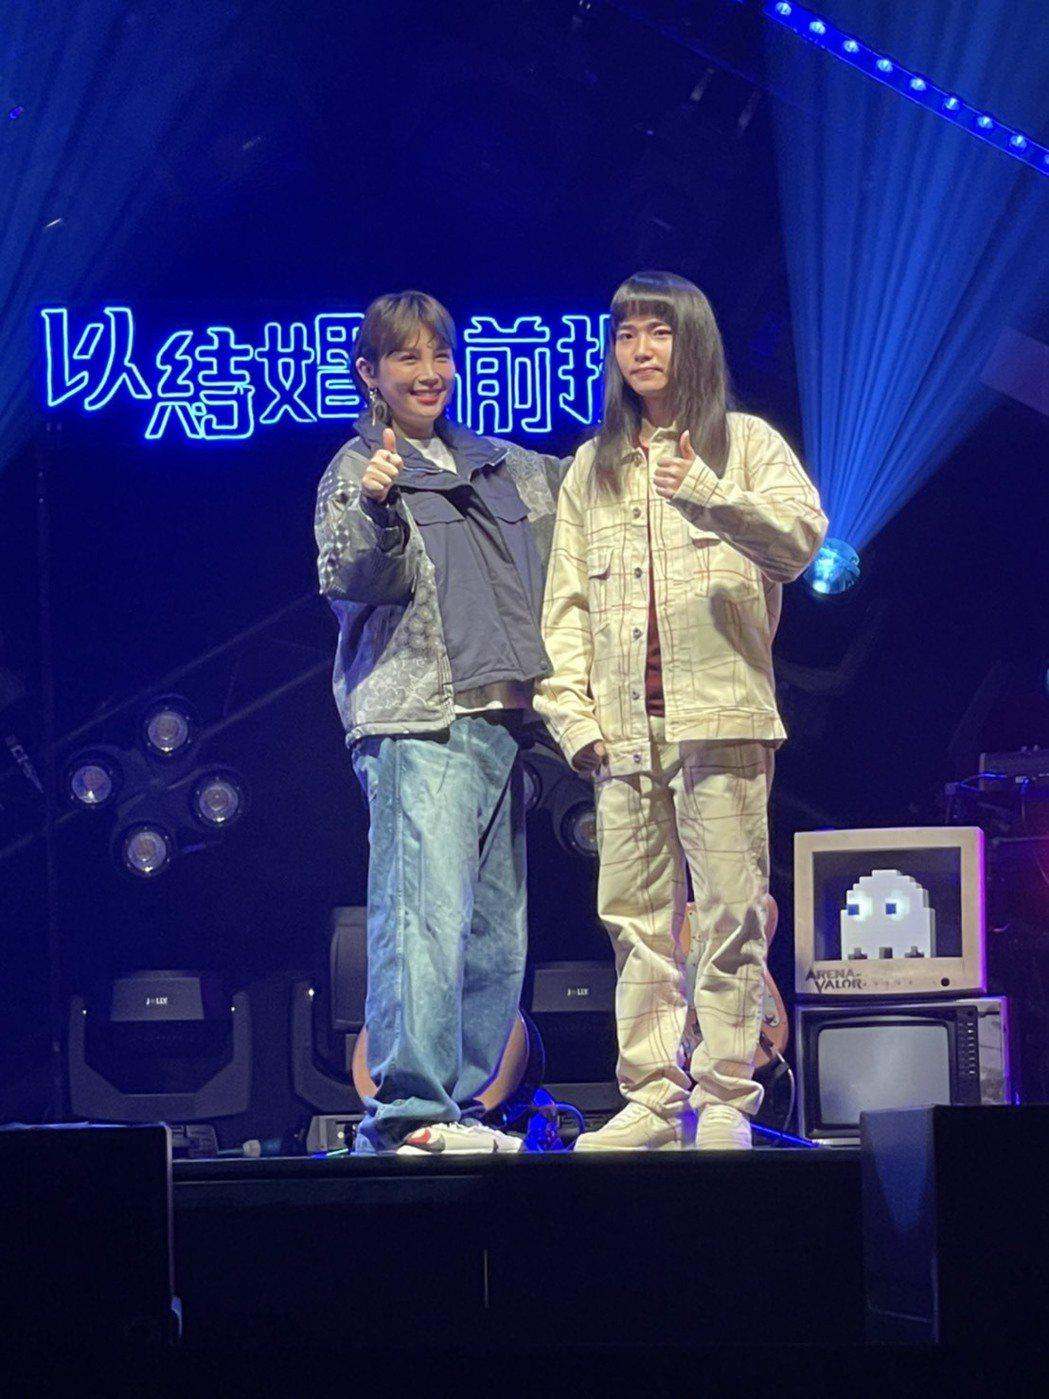 金曲新人持修(右)首場音樂會邀來金曲歌后魏如萱擔任嘉賓。記者王郁惠/攝影